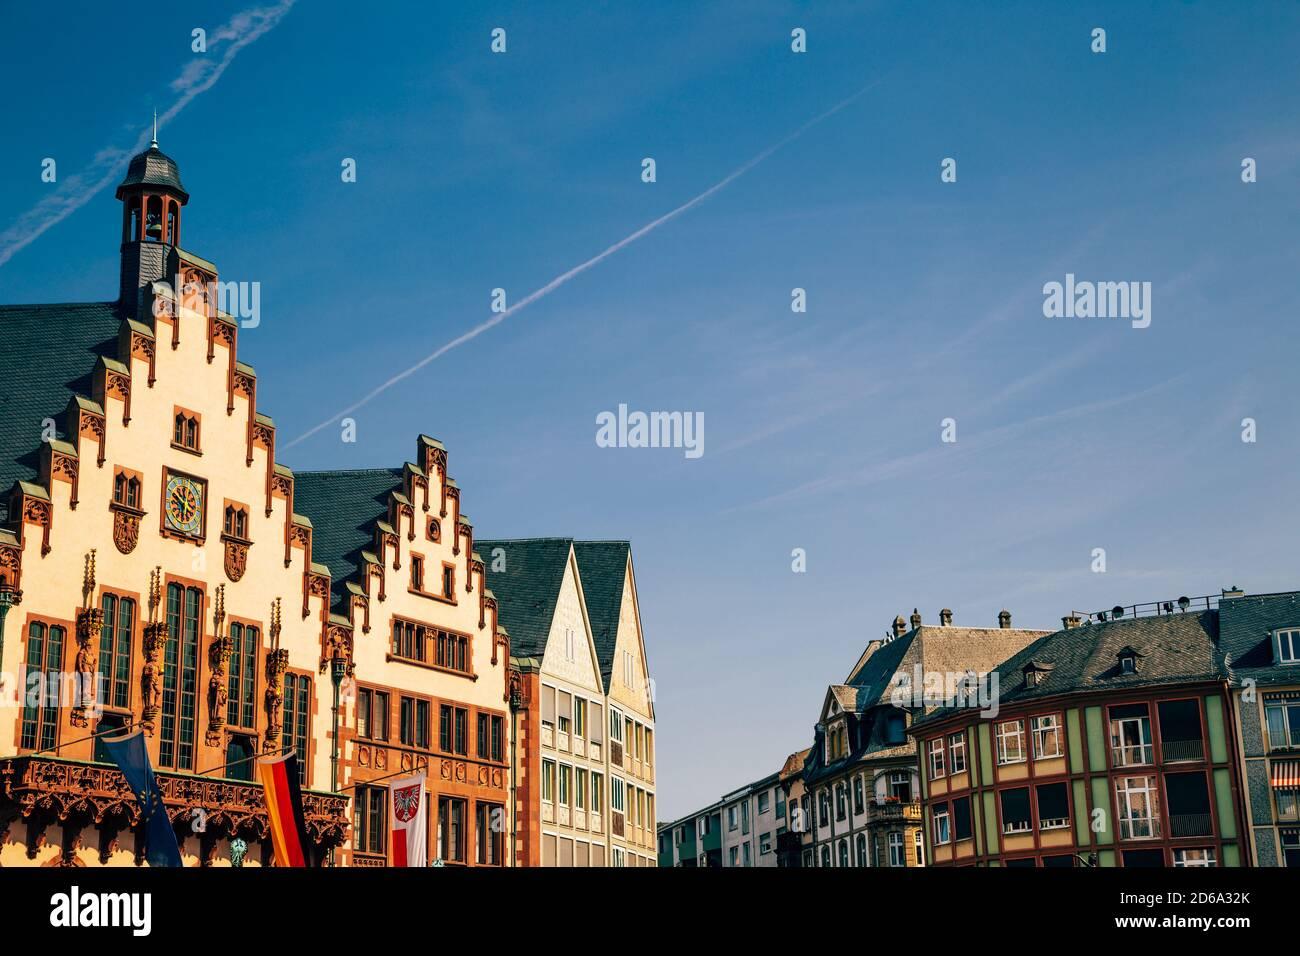 Romerberg old town square in Frankfurt, Germany Stock Photo